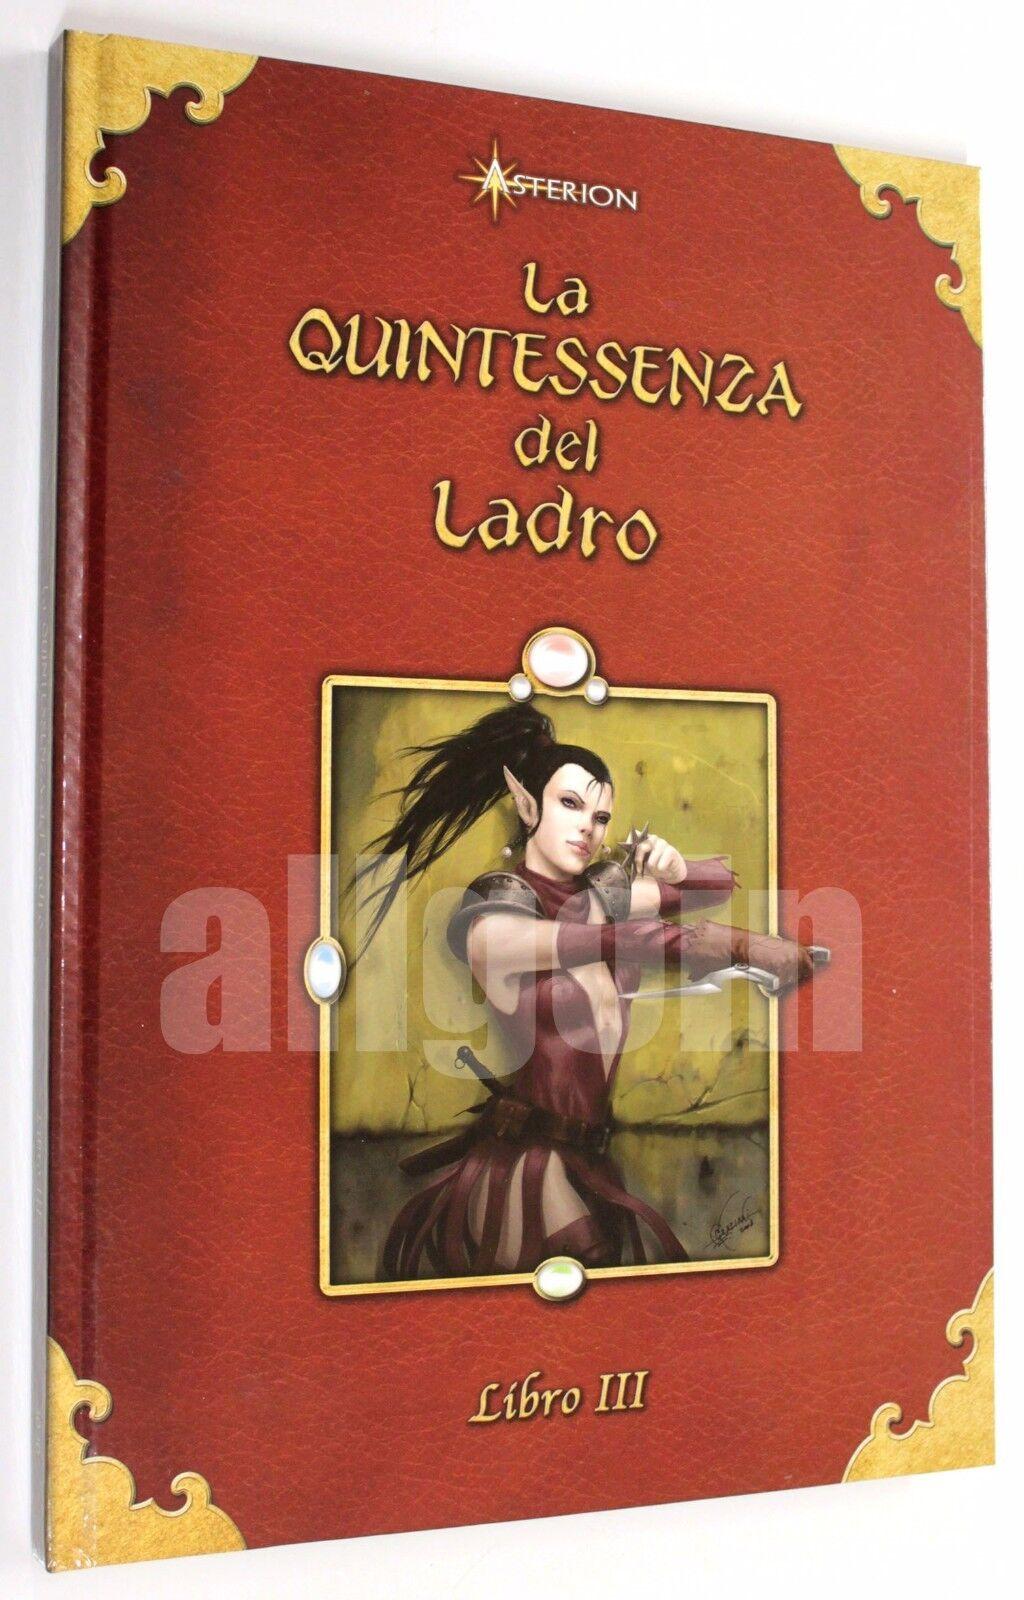 Dungeons & Dragons LA QUINTESSENZA DEL LADRO 2008 Asterion D&D 4.0 d20